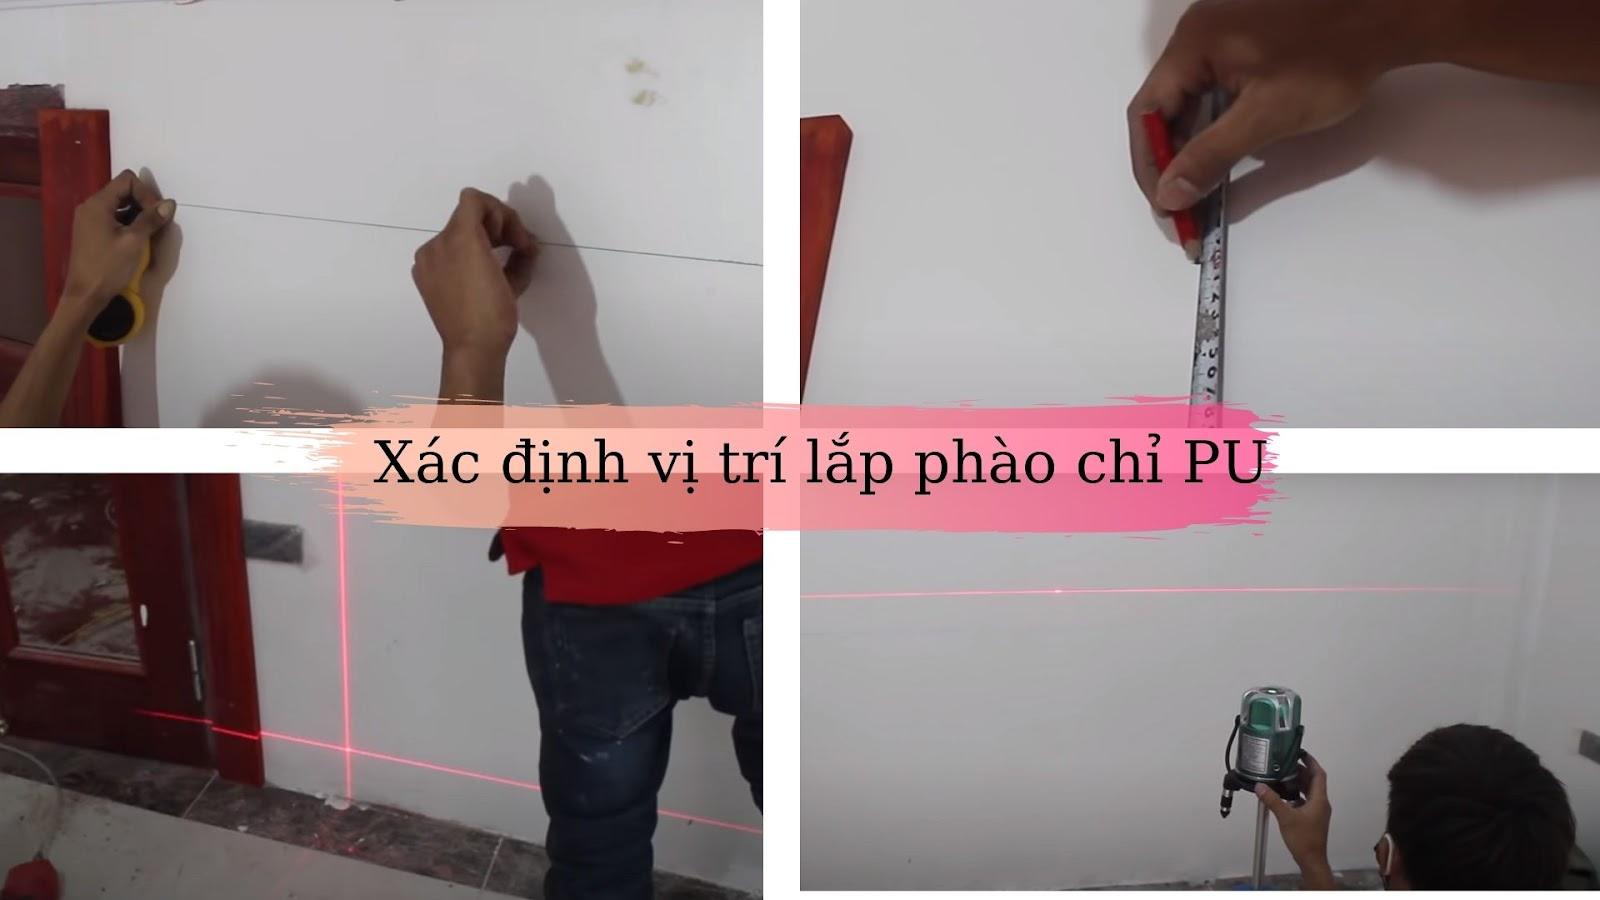 xác định vị trí lắp đặt phào chỉ Pu